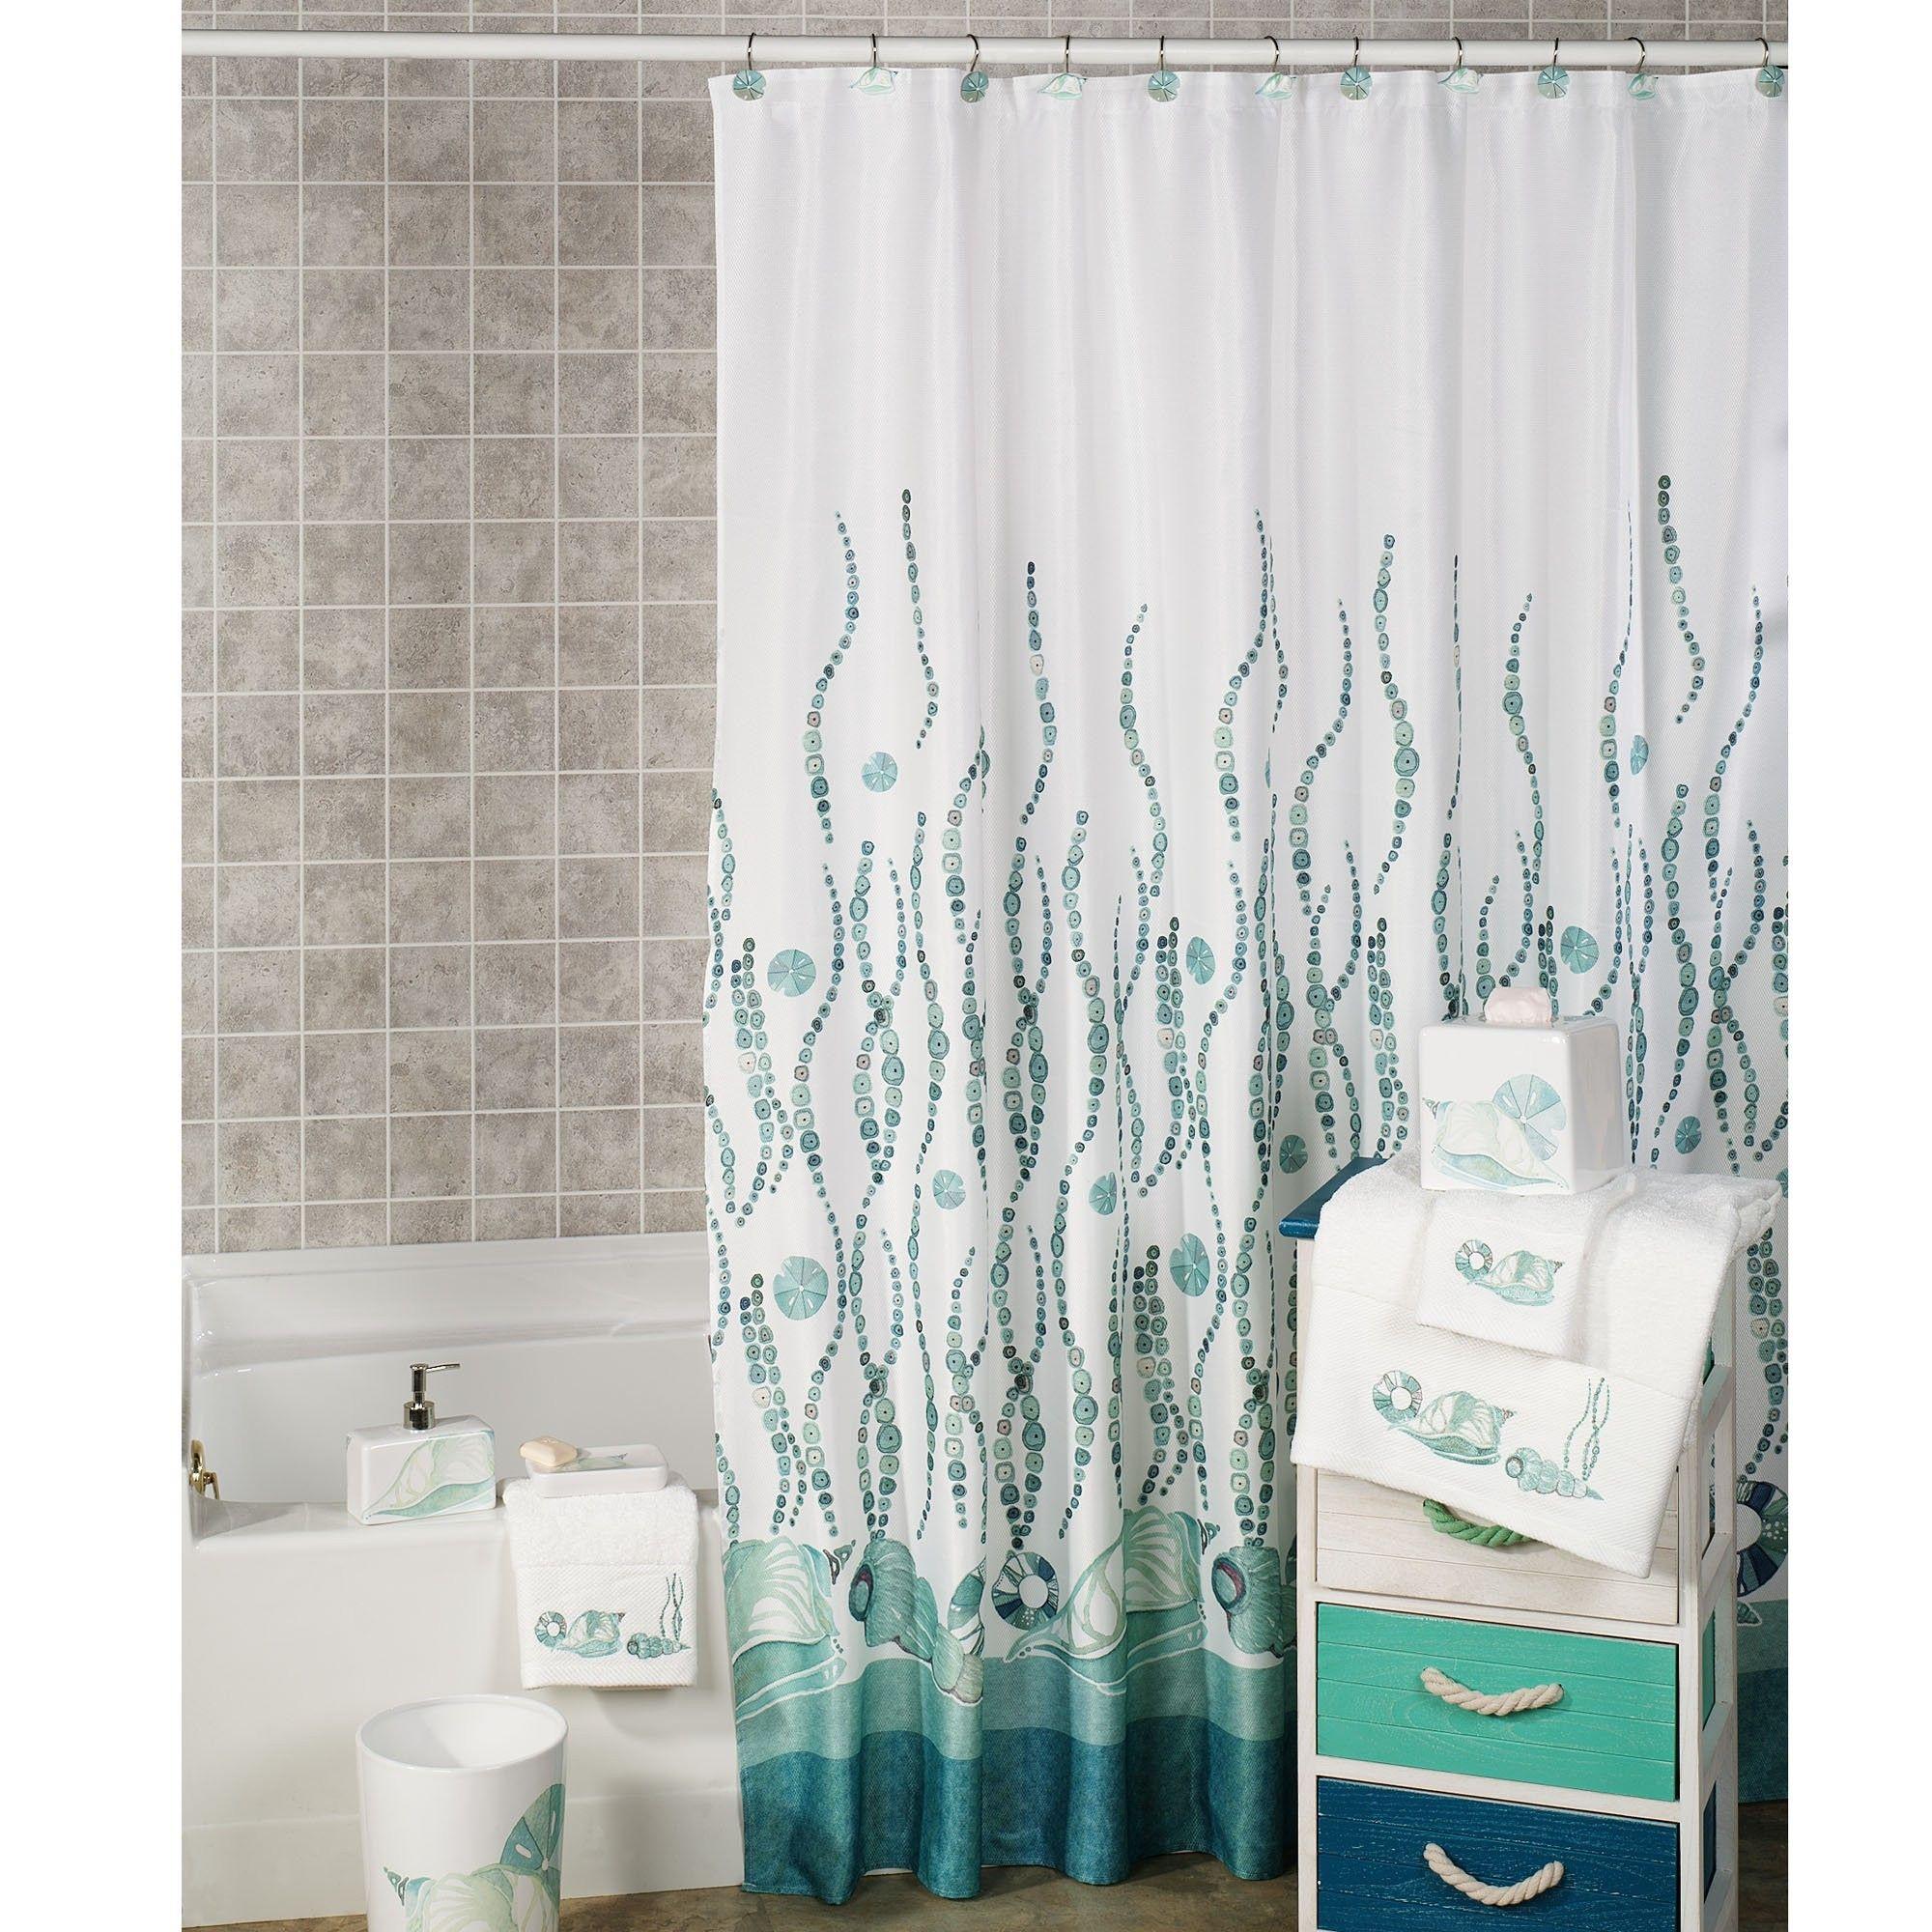 Lovely Little Mermaid Shower Curtain Hooks